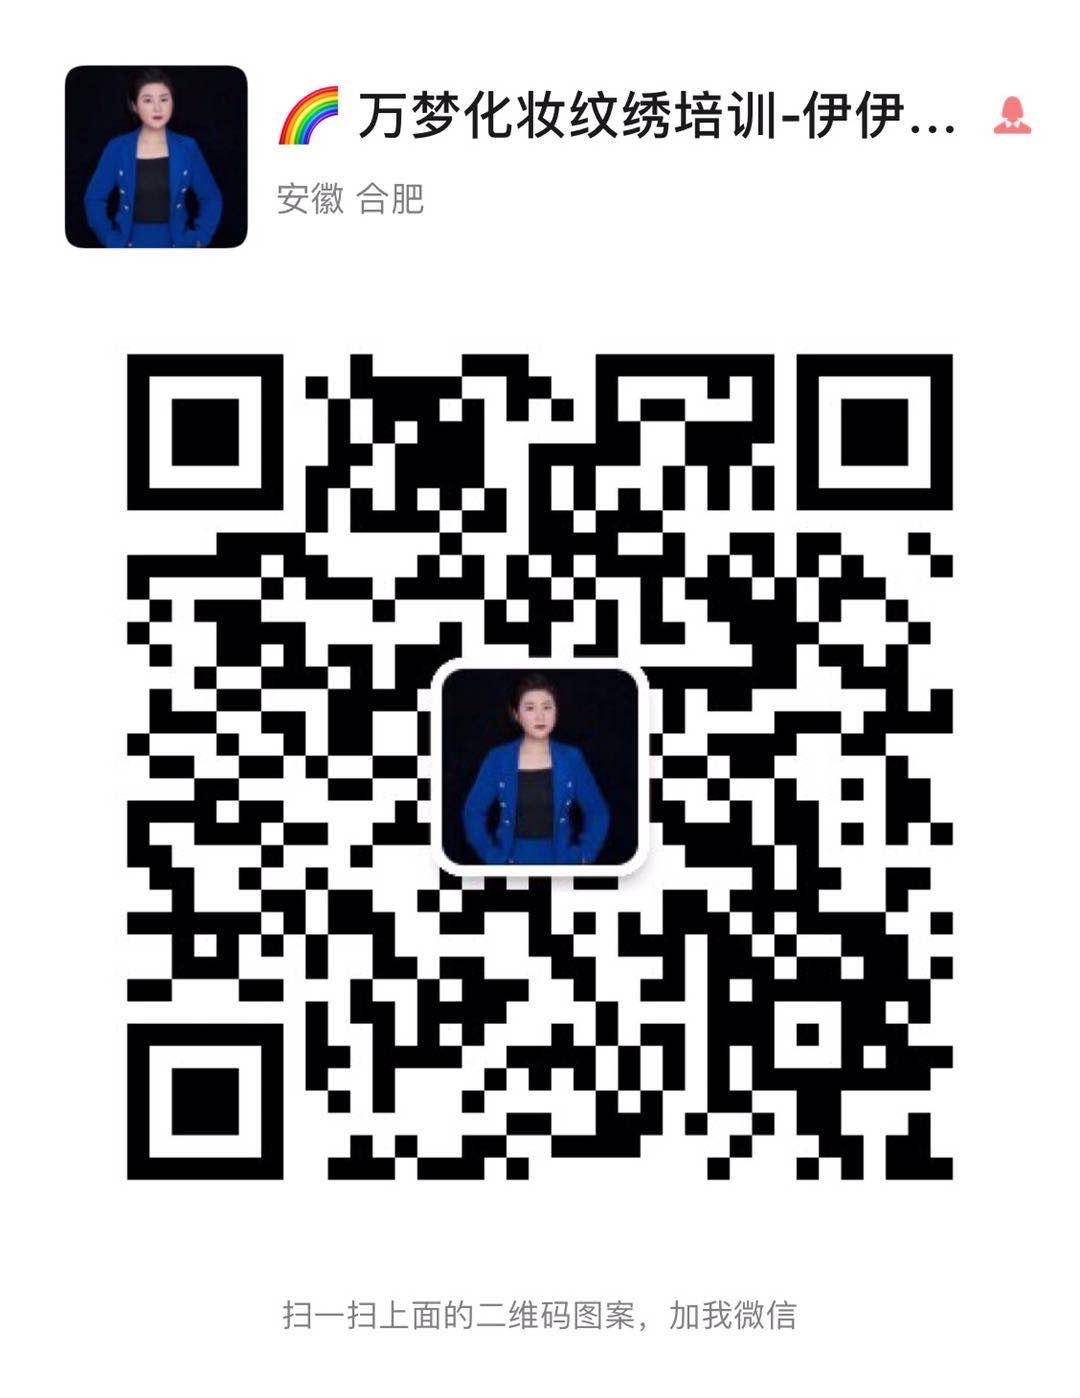 .\..\..\..\..\..\..\AppData\Local\Temp\WeChat Files\bb31880b237a029f3acb044f4f13902a_.jpg